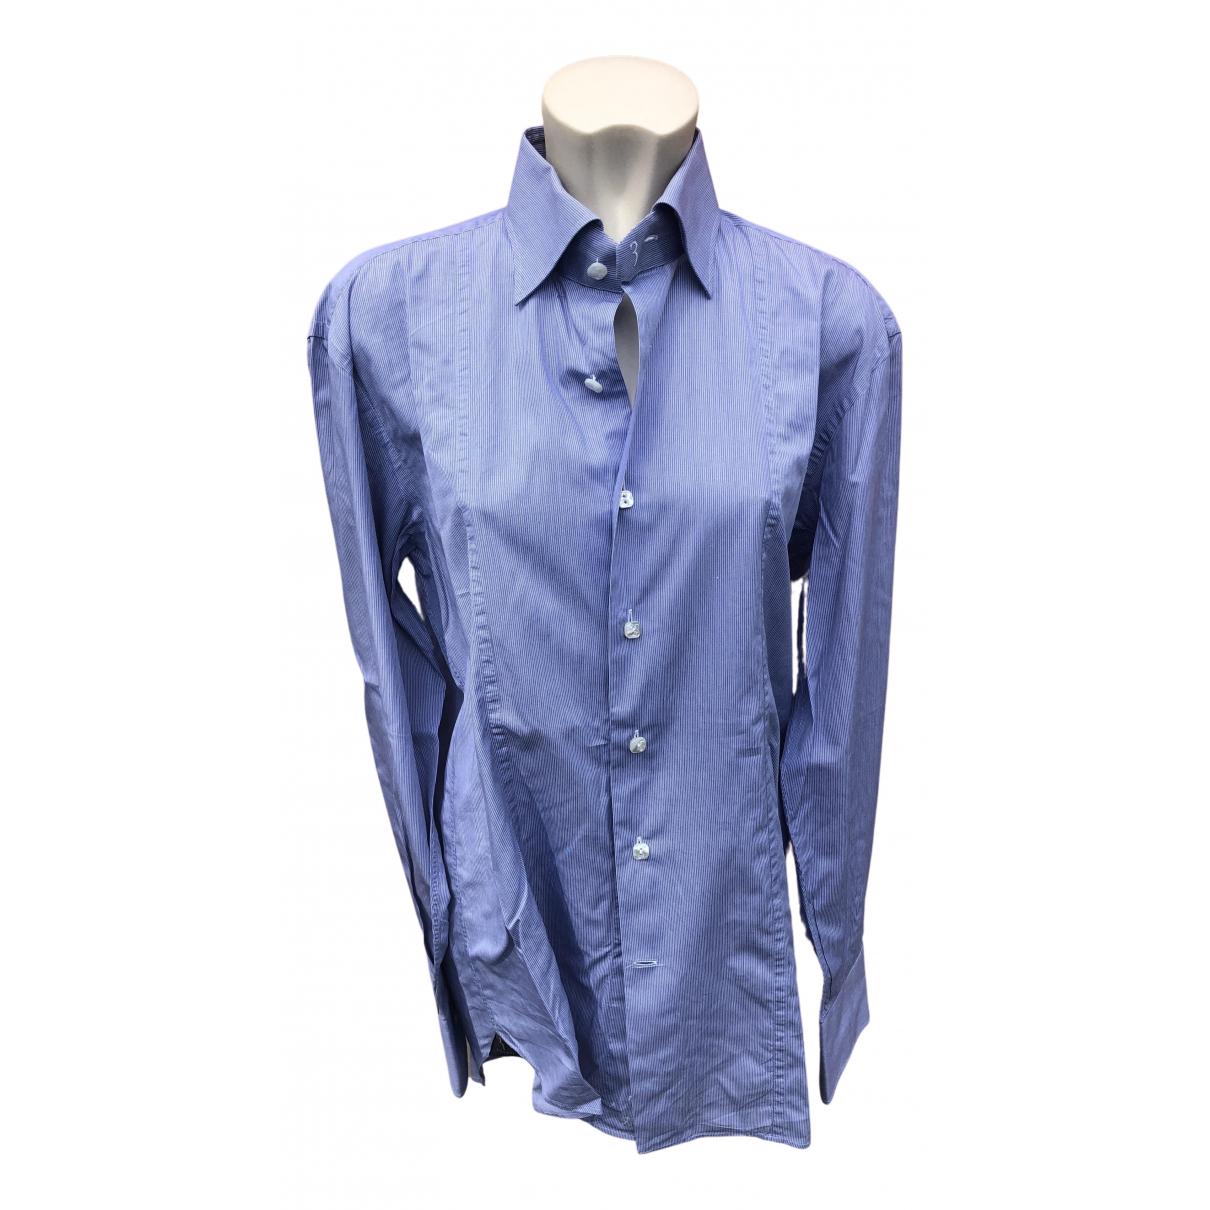 Billionaire Boys Club N Blue Cotton Shirts for Men 41 EU (tour de cou / collar)